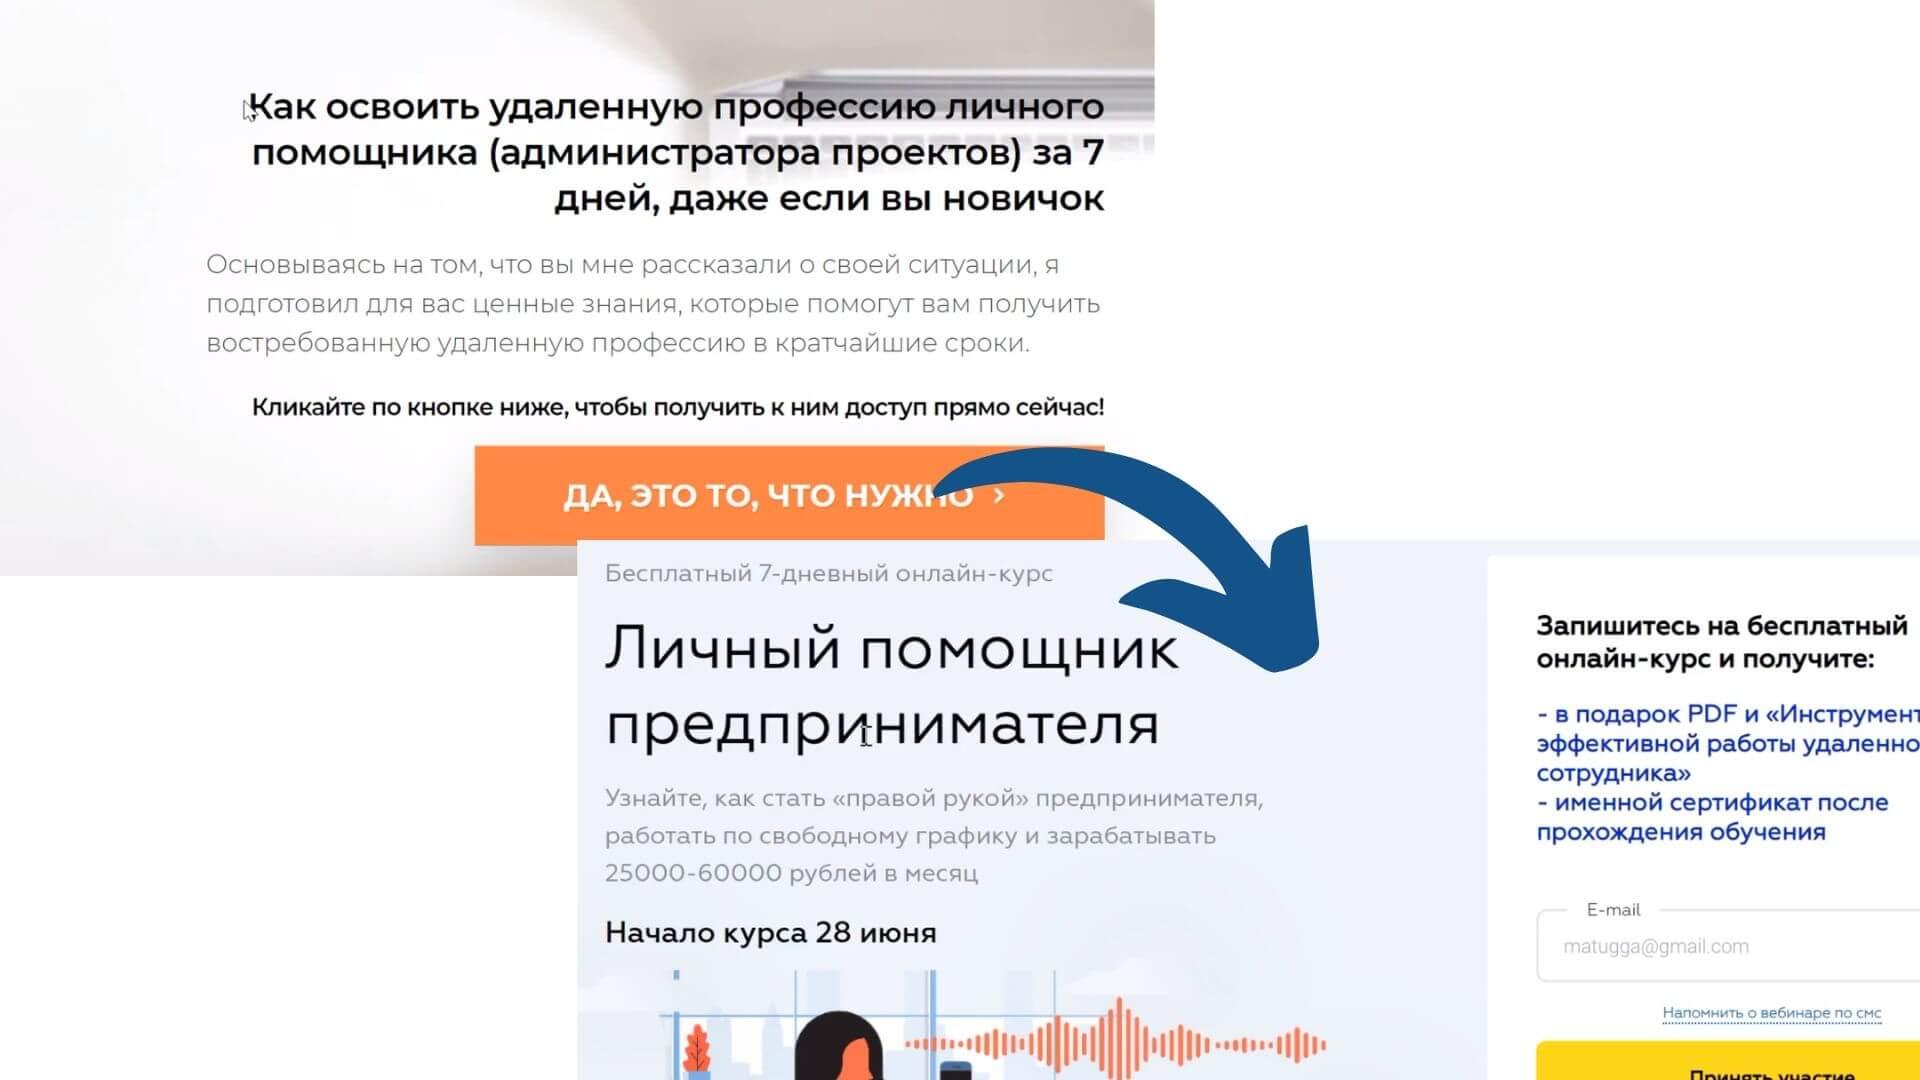 Маркетинговый квиз: пример квиз сайта для онлайн-бизнеса